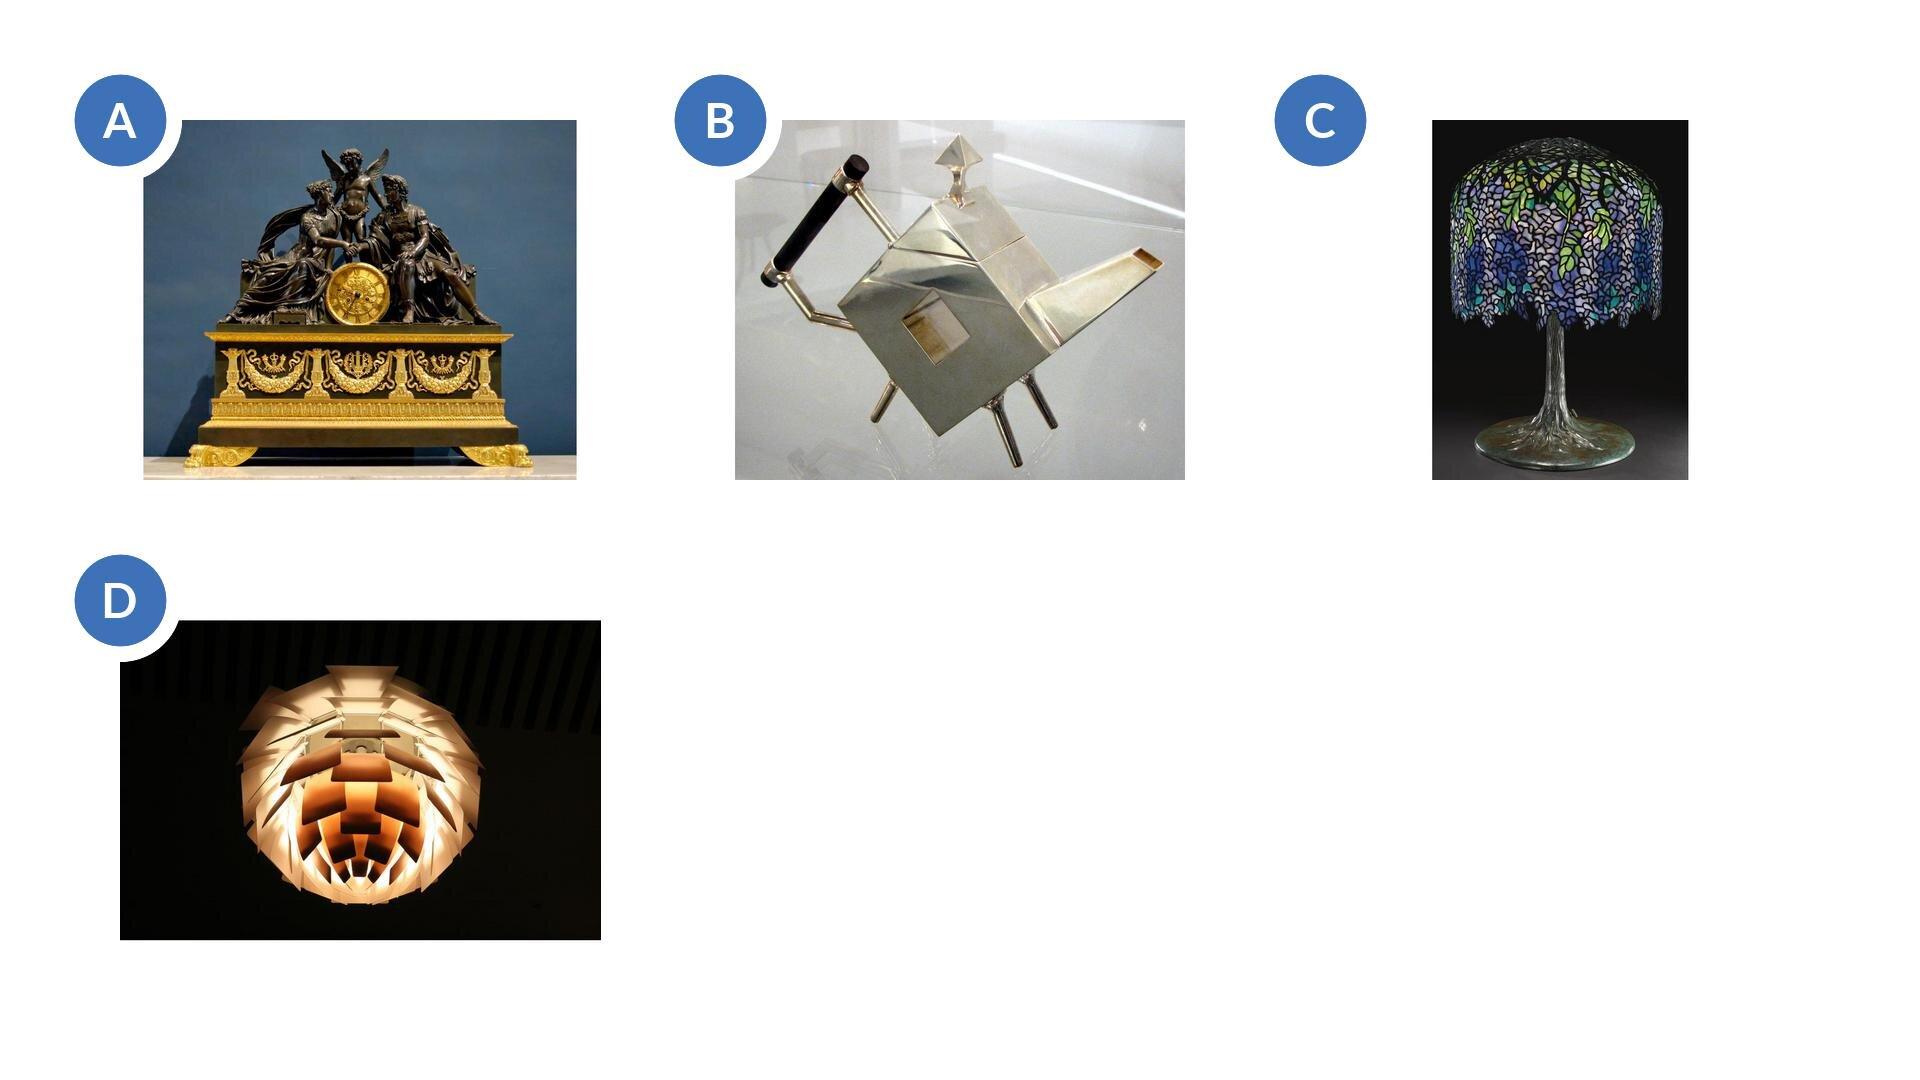 Wzadaniu znajdują się cztery ilustracje, przedstawiające ozdobny brązowo-złoty zegar ztrzema postaciami: kobietą, męzczyzną oraz aniołem, lampe zabażurem przedstawiającym kiść winogron, czajnik ogeometrycznych wzorach, oraz lampę poskładaną zwielu kwadratowych elementów, prezentujących wcałości kulę.